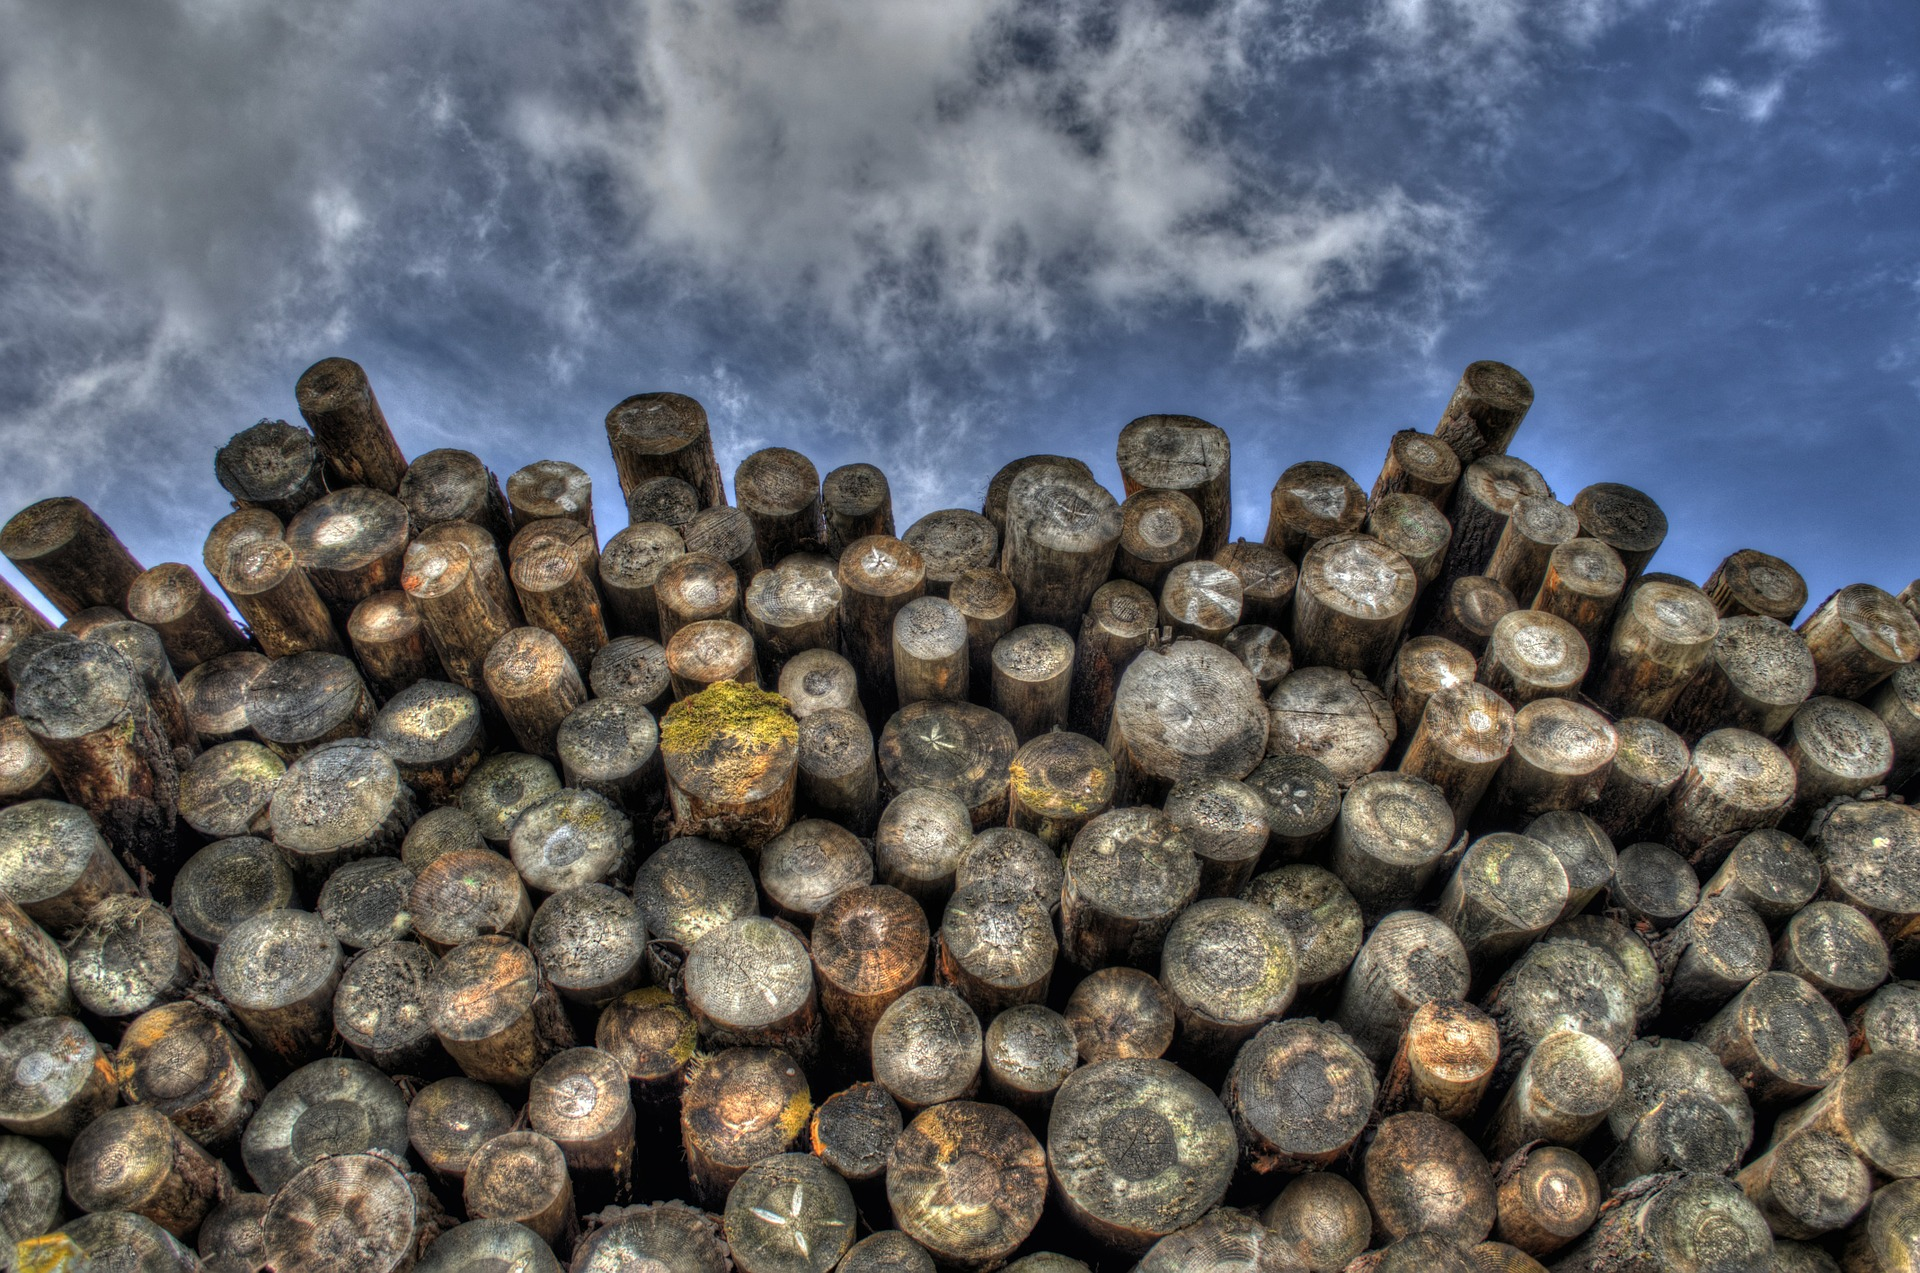 HRVATSKE ŠUME 'Ne izvozimo drvnu građu'